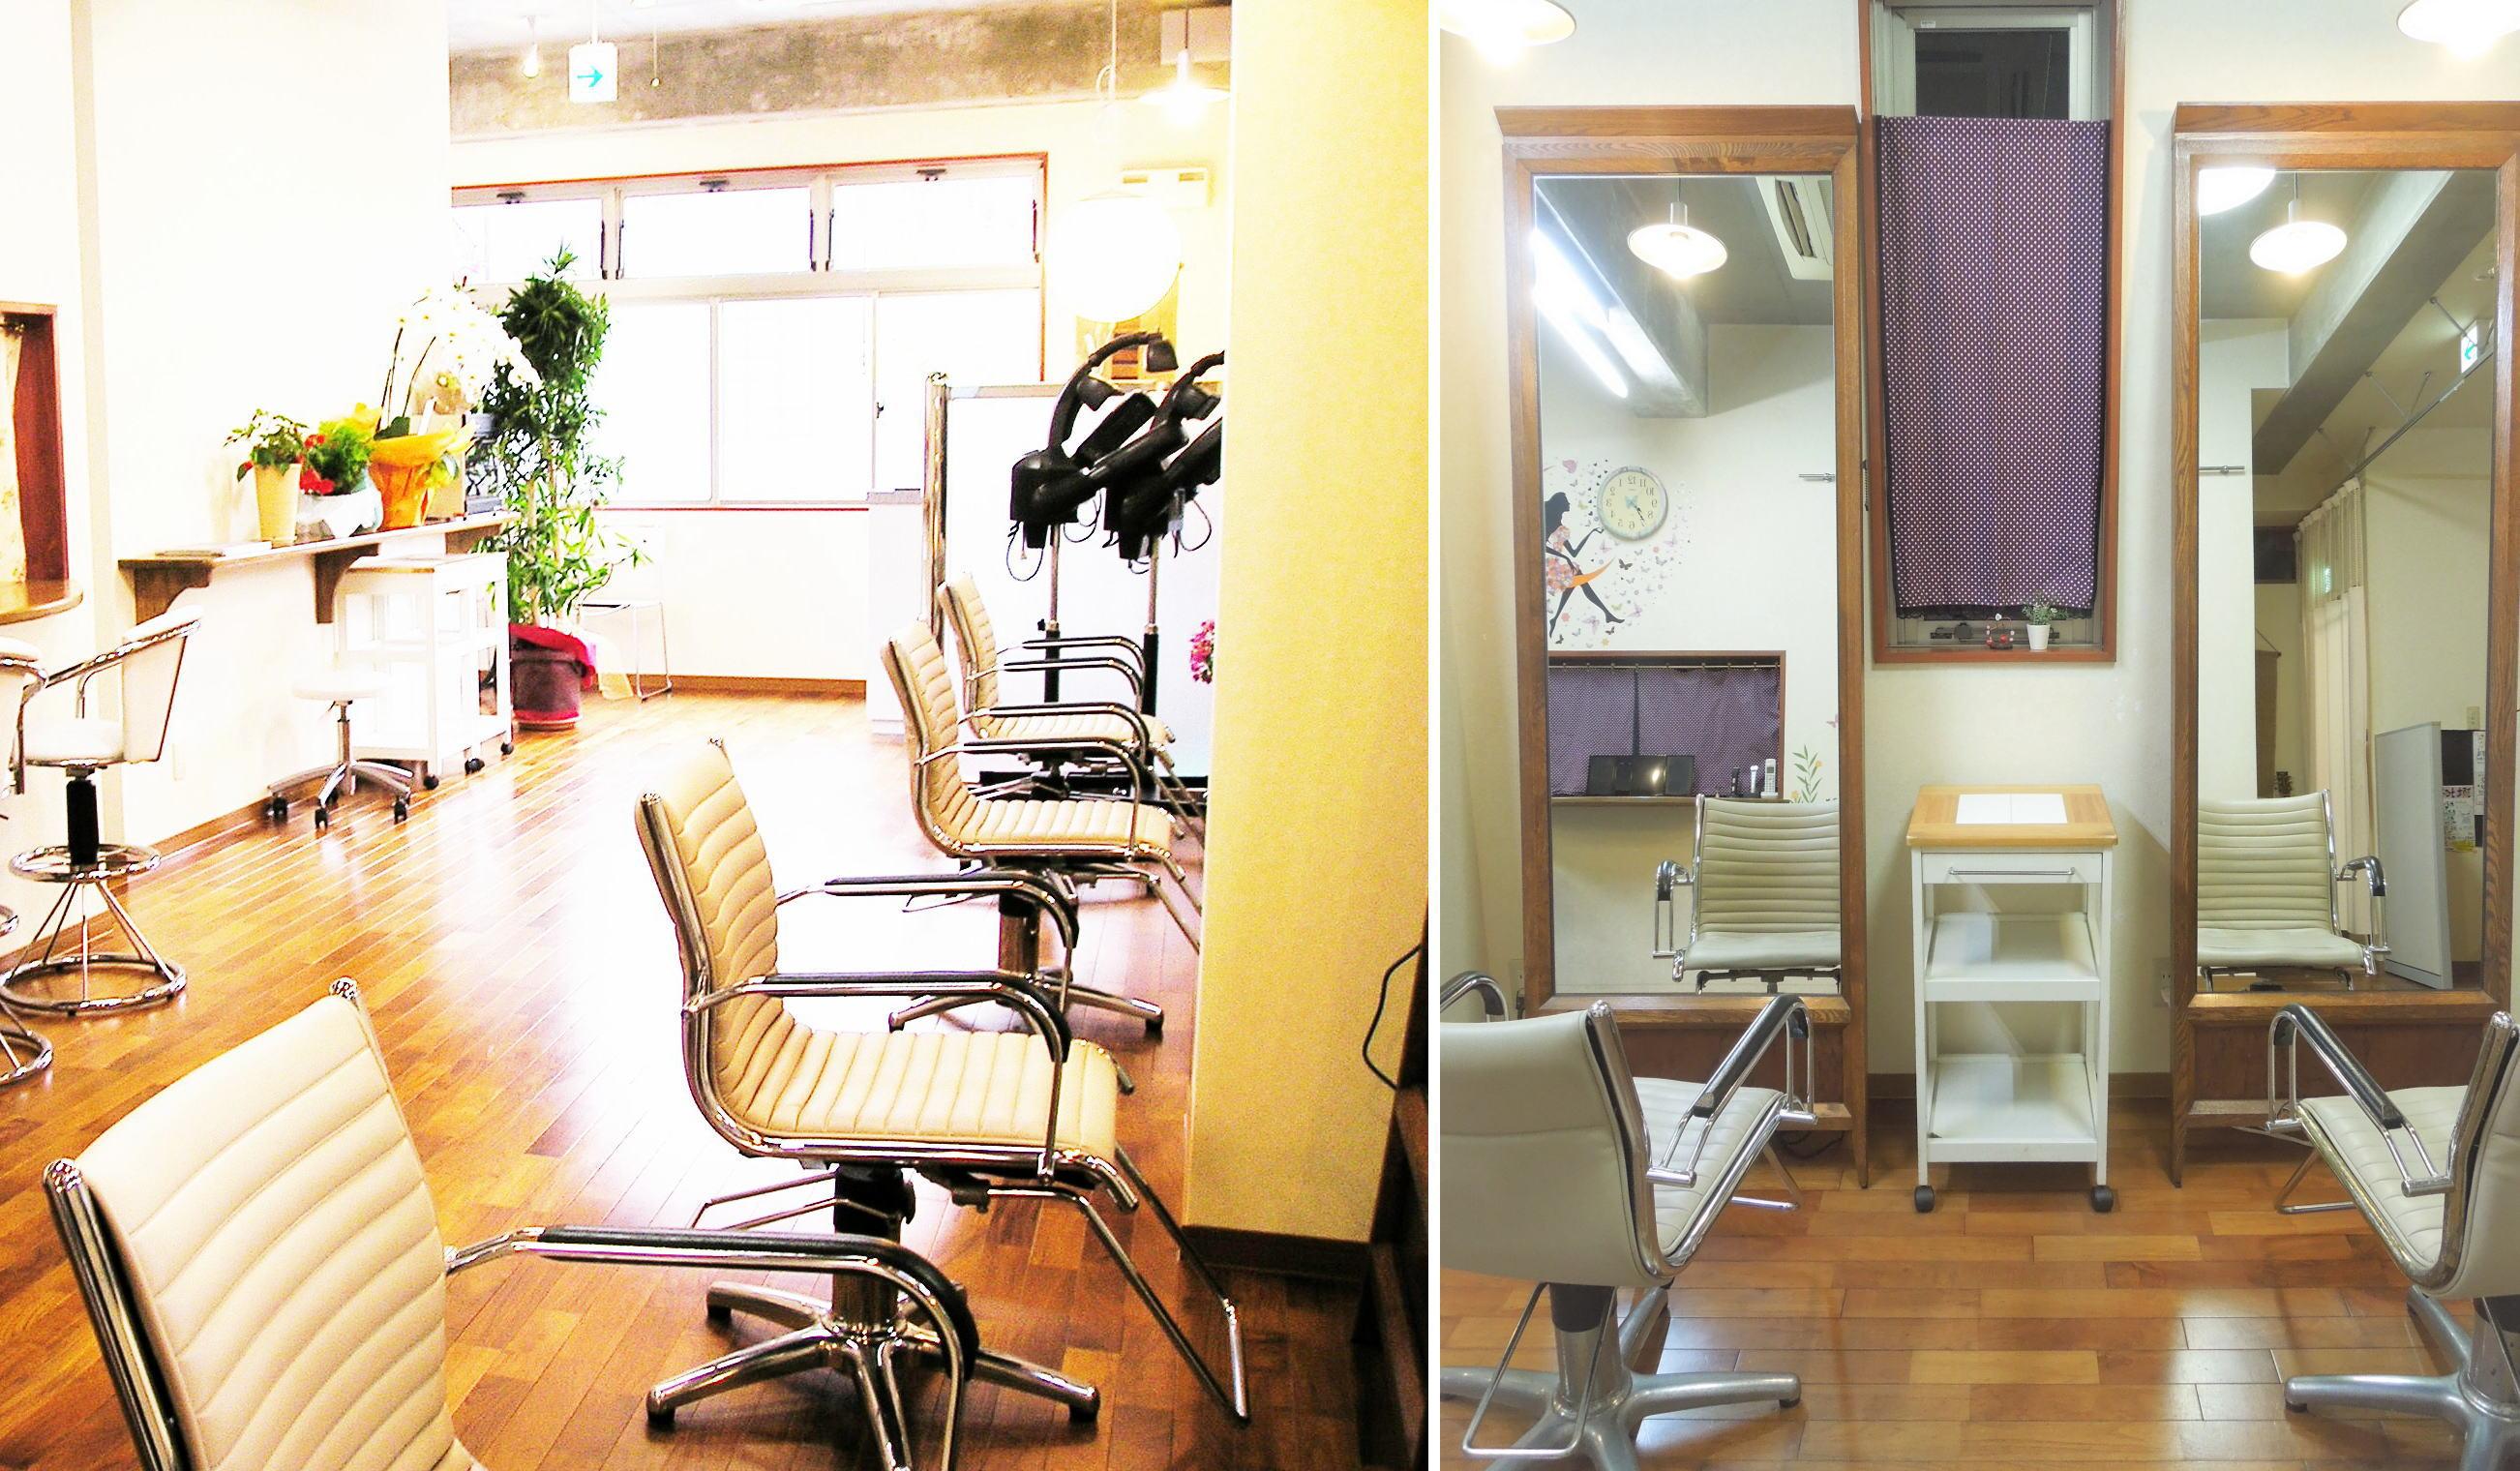 髪質改善艶髪美容室のイメージ